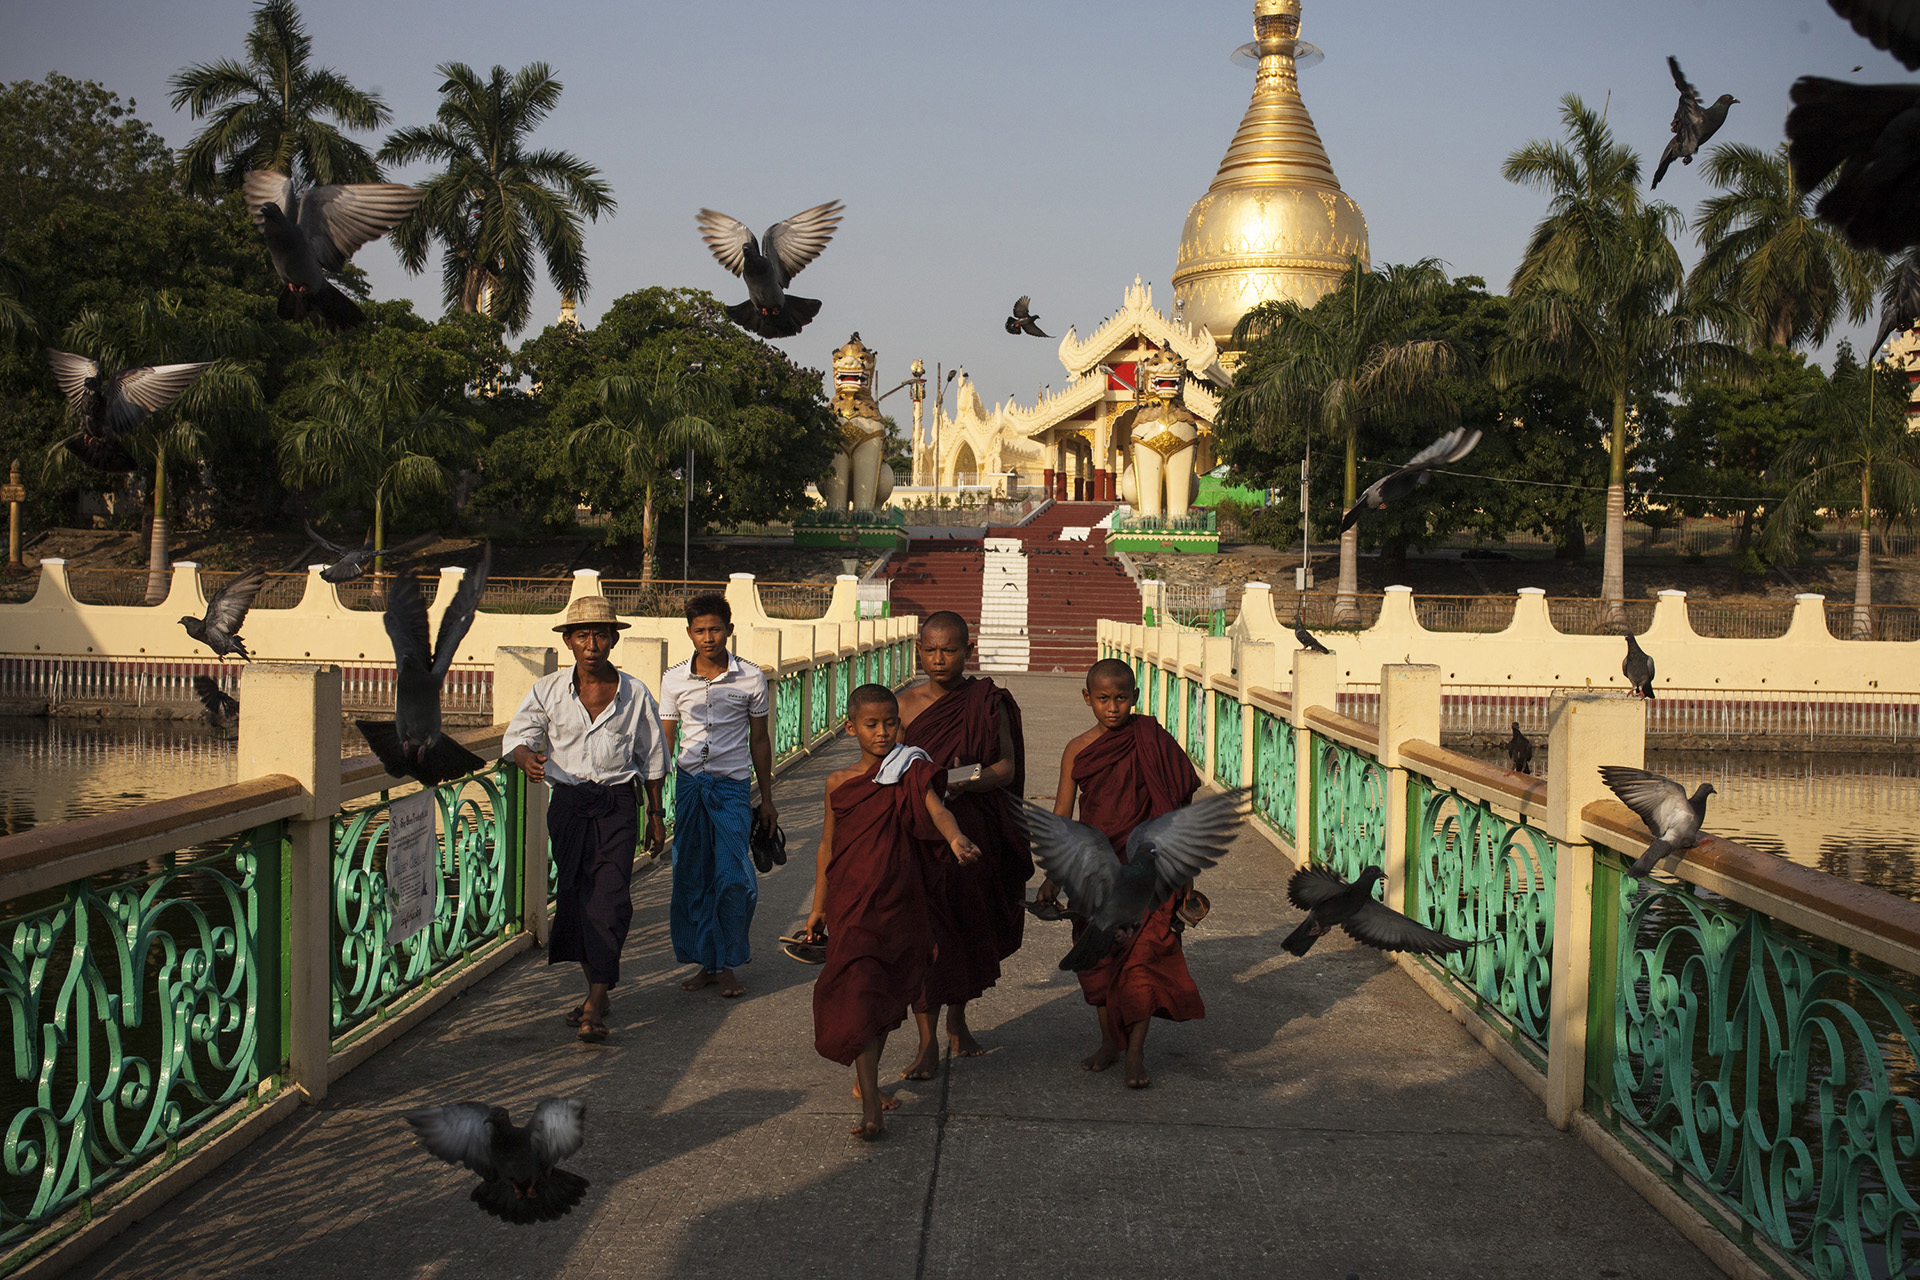 Des moinillons à proximité de la pagode Shwe Dagon à Rangoun. Birmanie, Mai 2015.